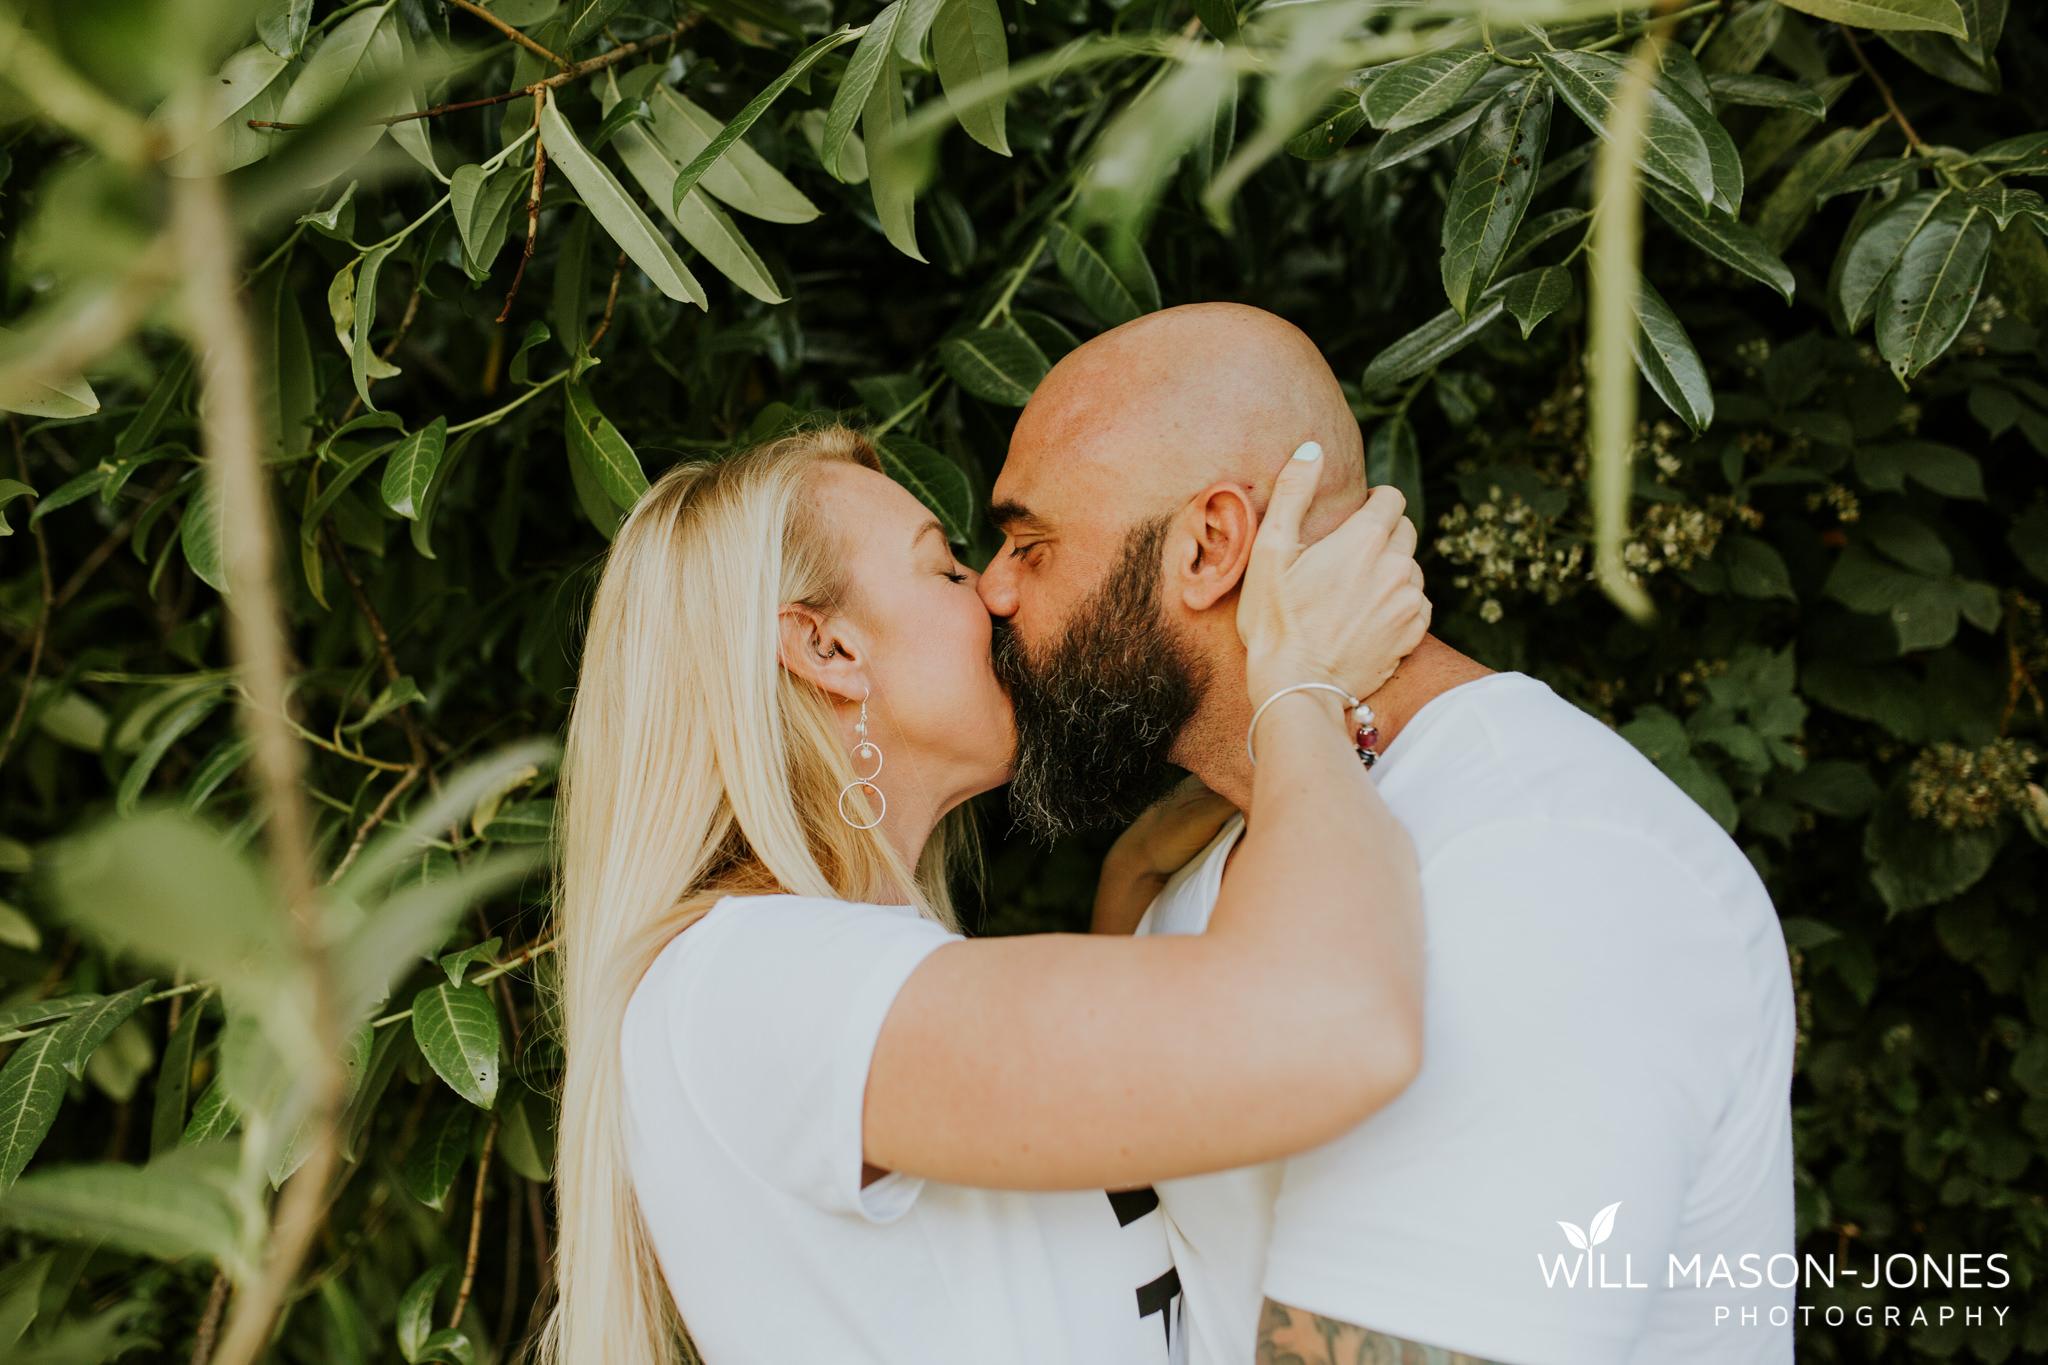 penllegaer-woods-couple-engagement-photographer-swansea-13.jpg